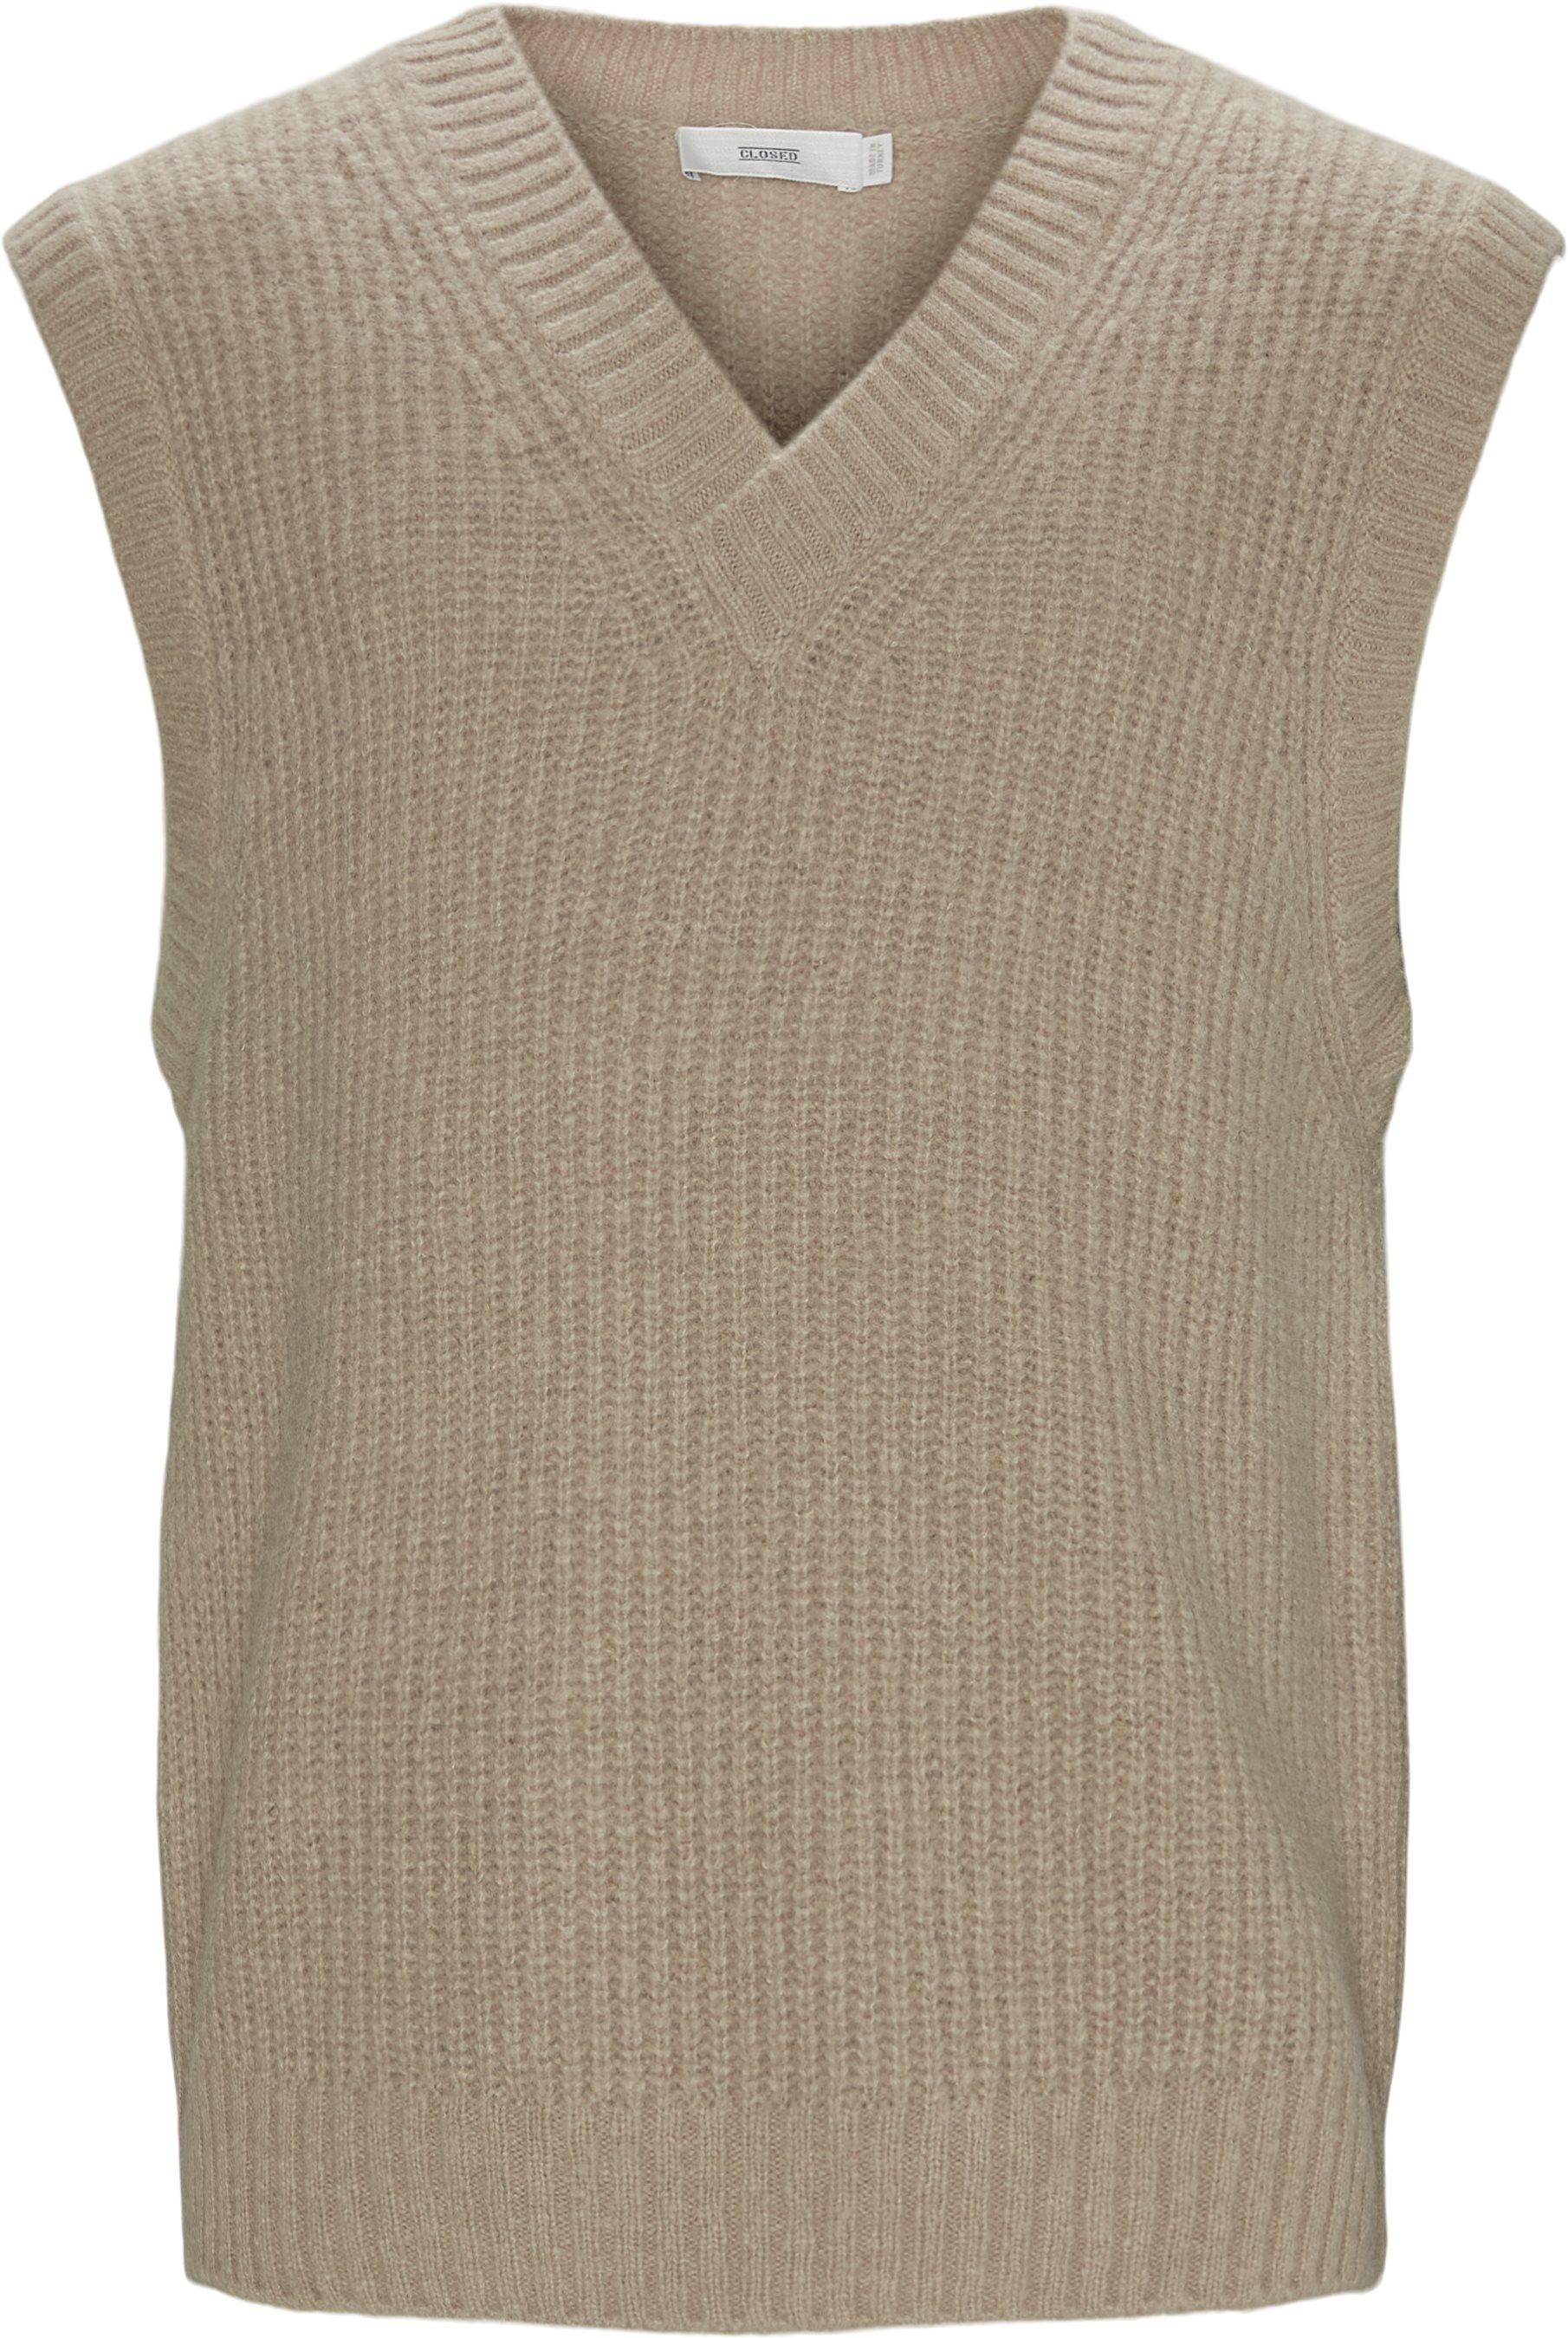 Knitted Vest - Strik - Regular fit - Brun